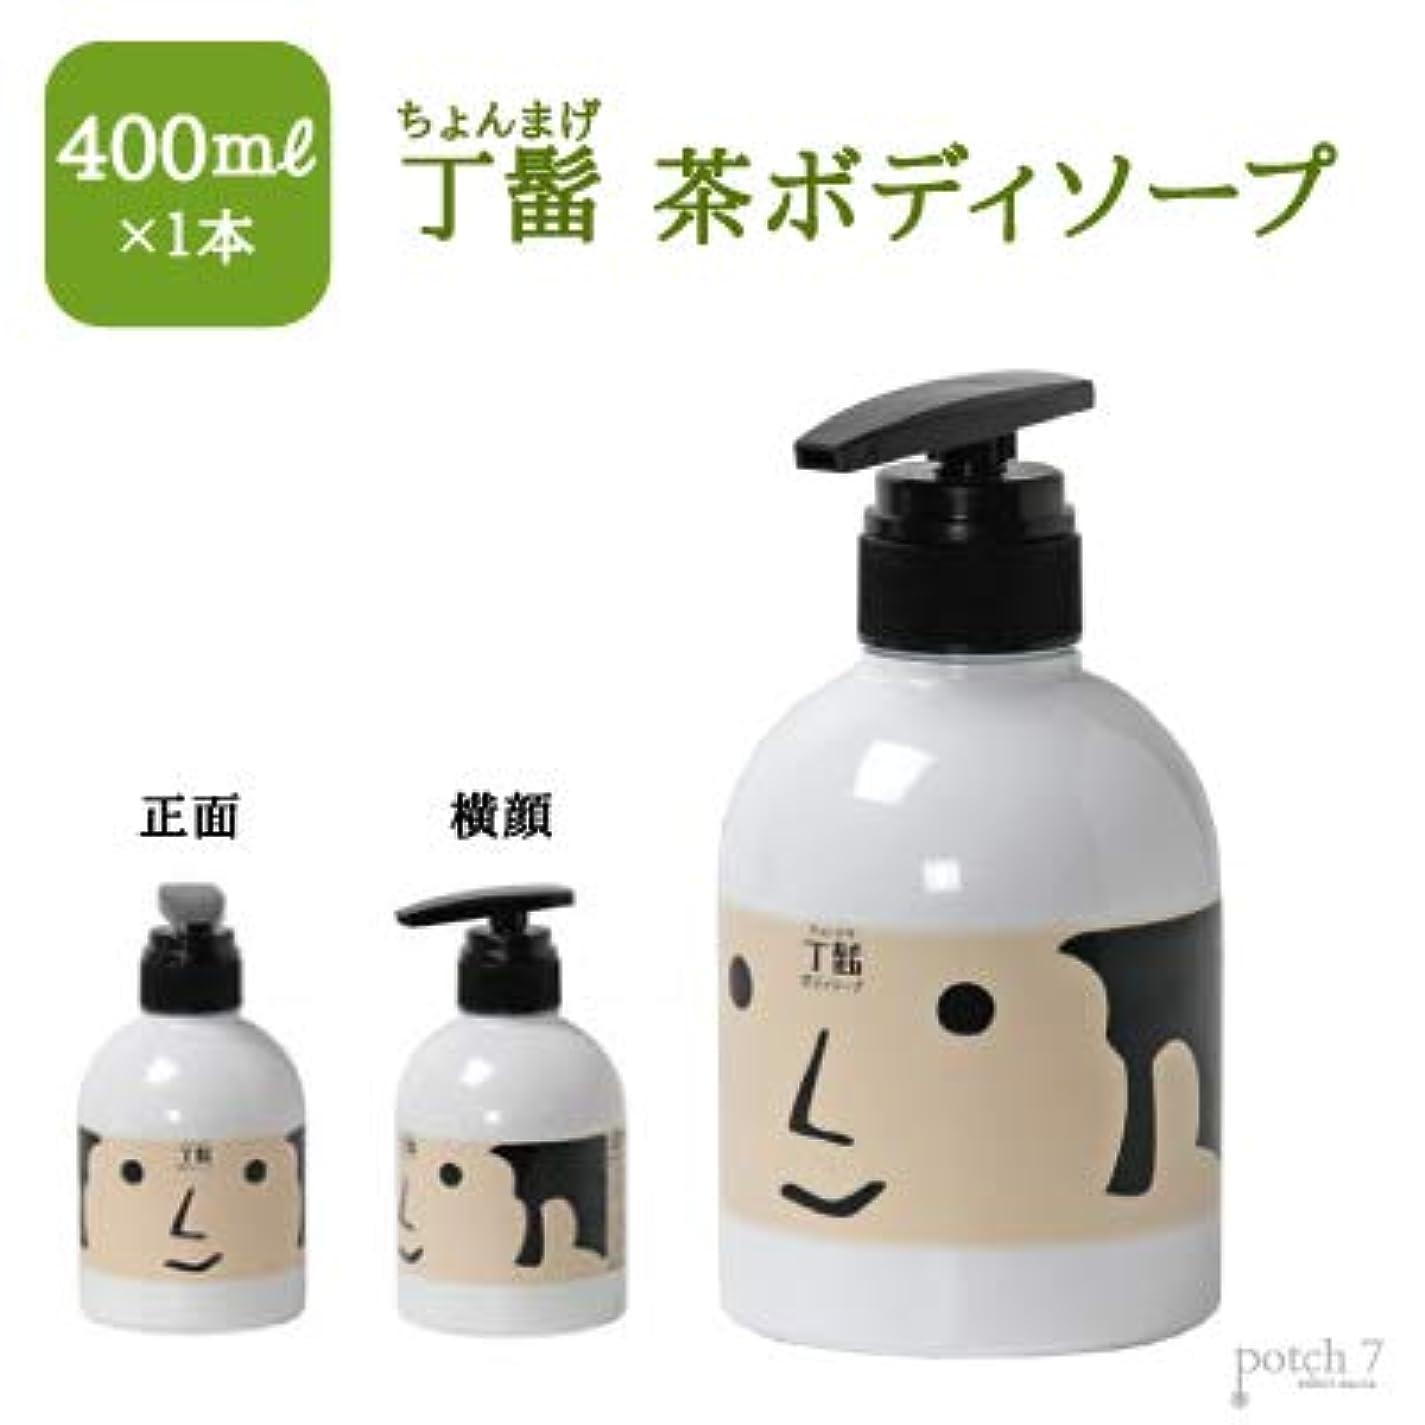 商品摘む会員フタバ化学 丁髷ボディソープ お茶の香り 400ml×12本セット